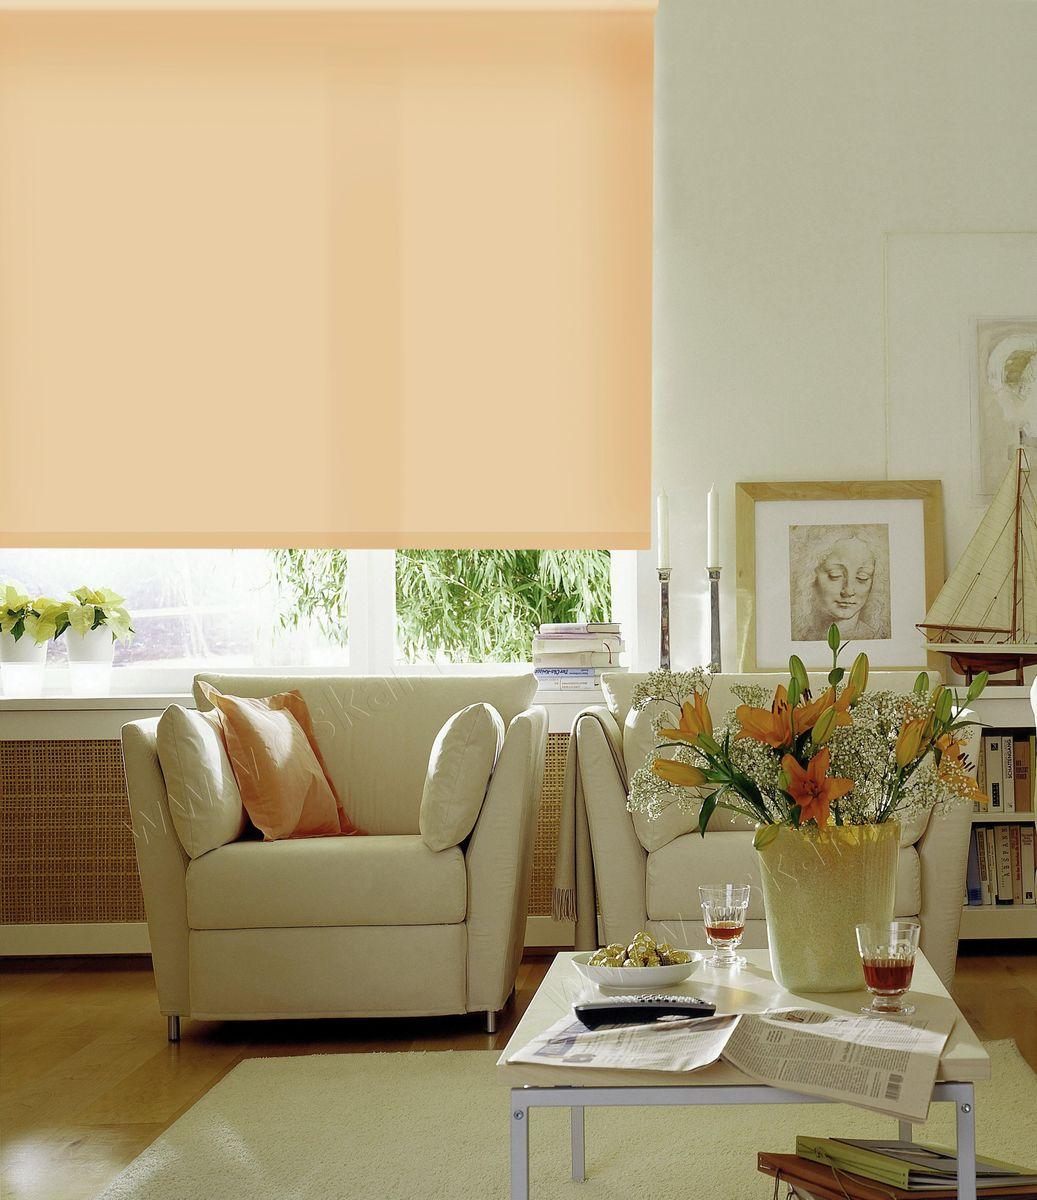 Штора рулонная Эскар, цвет: светло-абрикосовый, ширина 160 см, высота 170 см81112160170Рулонными шторами можно оформлять окна как самостоятельно, так и использовать в комбинации с портьерами. Это поможет предотвратить выгорание дорогой ткани на солнце и соединит функционал рулонных с красотой навесных. Преимущества применения рулонных штор для пластиковых окон: - имеют прекрасный внешний вид: многообразие и фактурность материала изделия отлично смотрятся в любом интерьере; - многофункциональны: есть возможность подобрать шторы способные эффективно защитить комнату от солнца, при этом она не будет слишком темной. - Есть возможность осуществить быстрый монтаж. ВНИМАНИЕ! Размеры ширины изделия указаны по ширине ткани! Во время эксплуатации не рекомендуется полностью разматывать рулон, чтобы не оторвать ткань от намоточного вала. В случае загрязнения поверхности ткани, чистку шторы проводят одним из способов, в зависимости от типа загрязнения: легкое поверхностное загрязнение можно удалить при помощи канцелярского ластика; чистка от пыли производится сухим методом при...